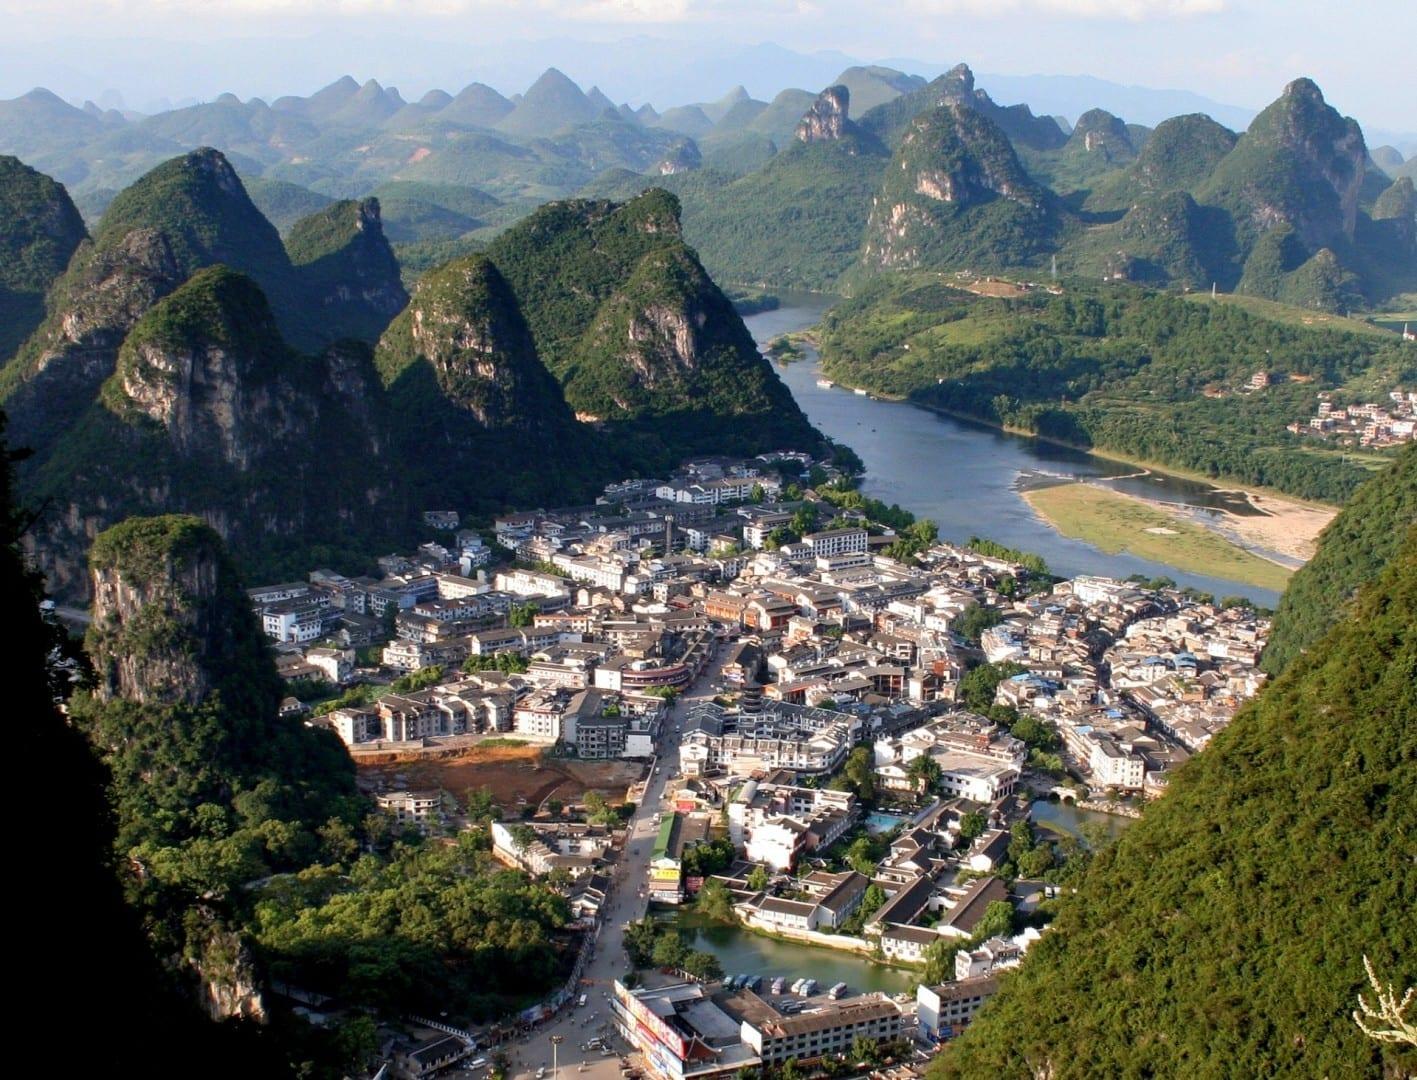 El pueblo, visto desde una colina cercana Yangshuo China